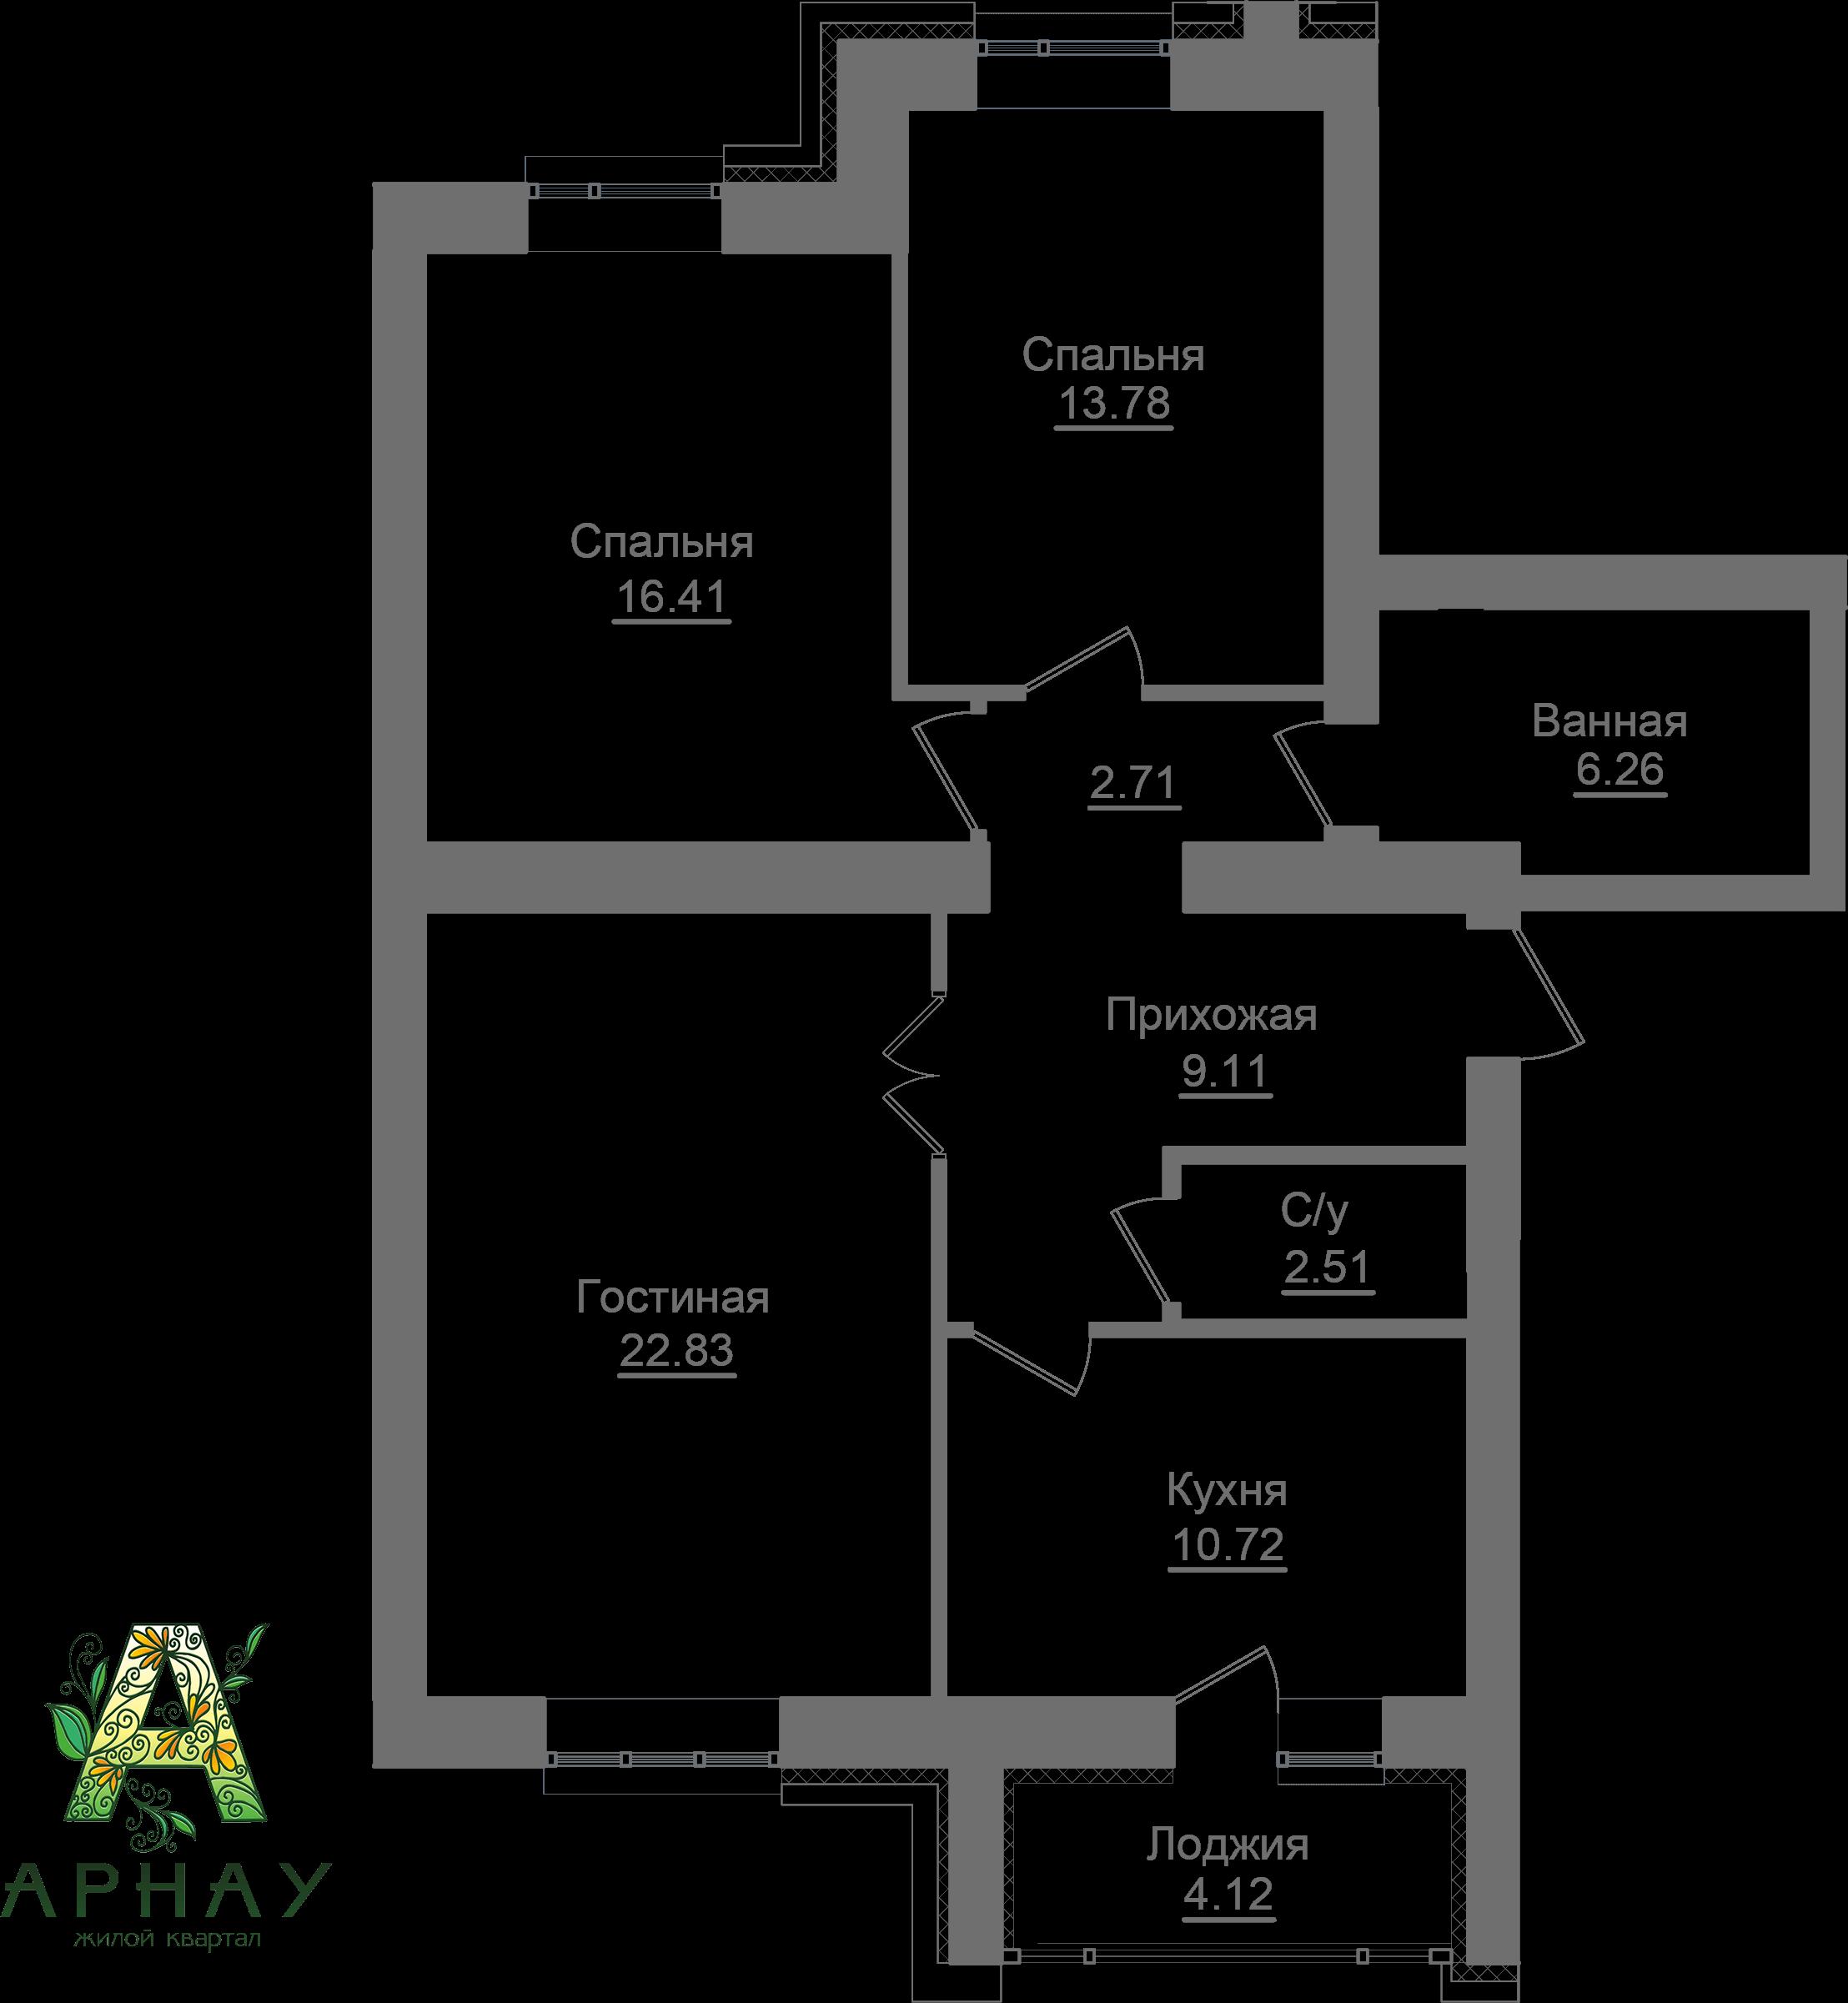 Квартира 127